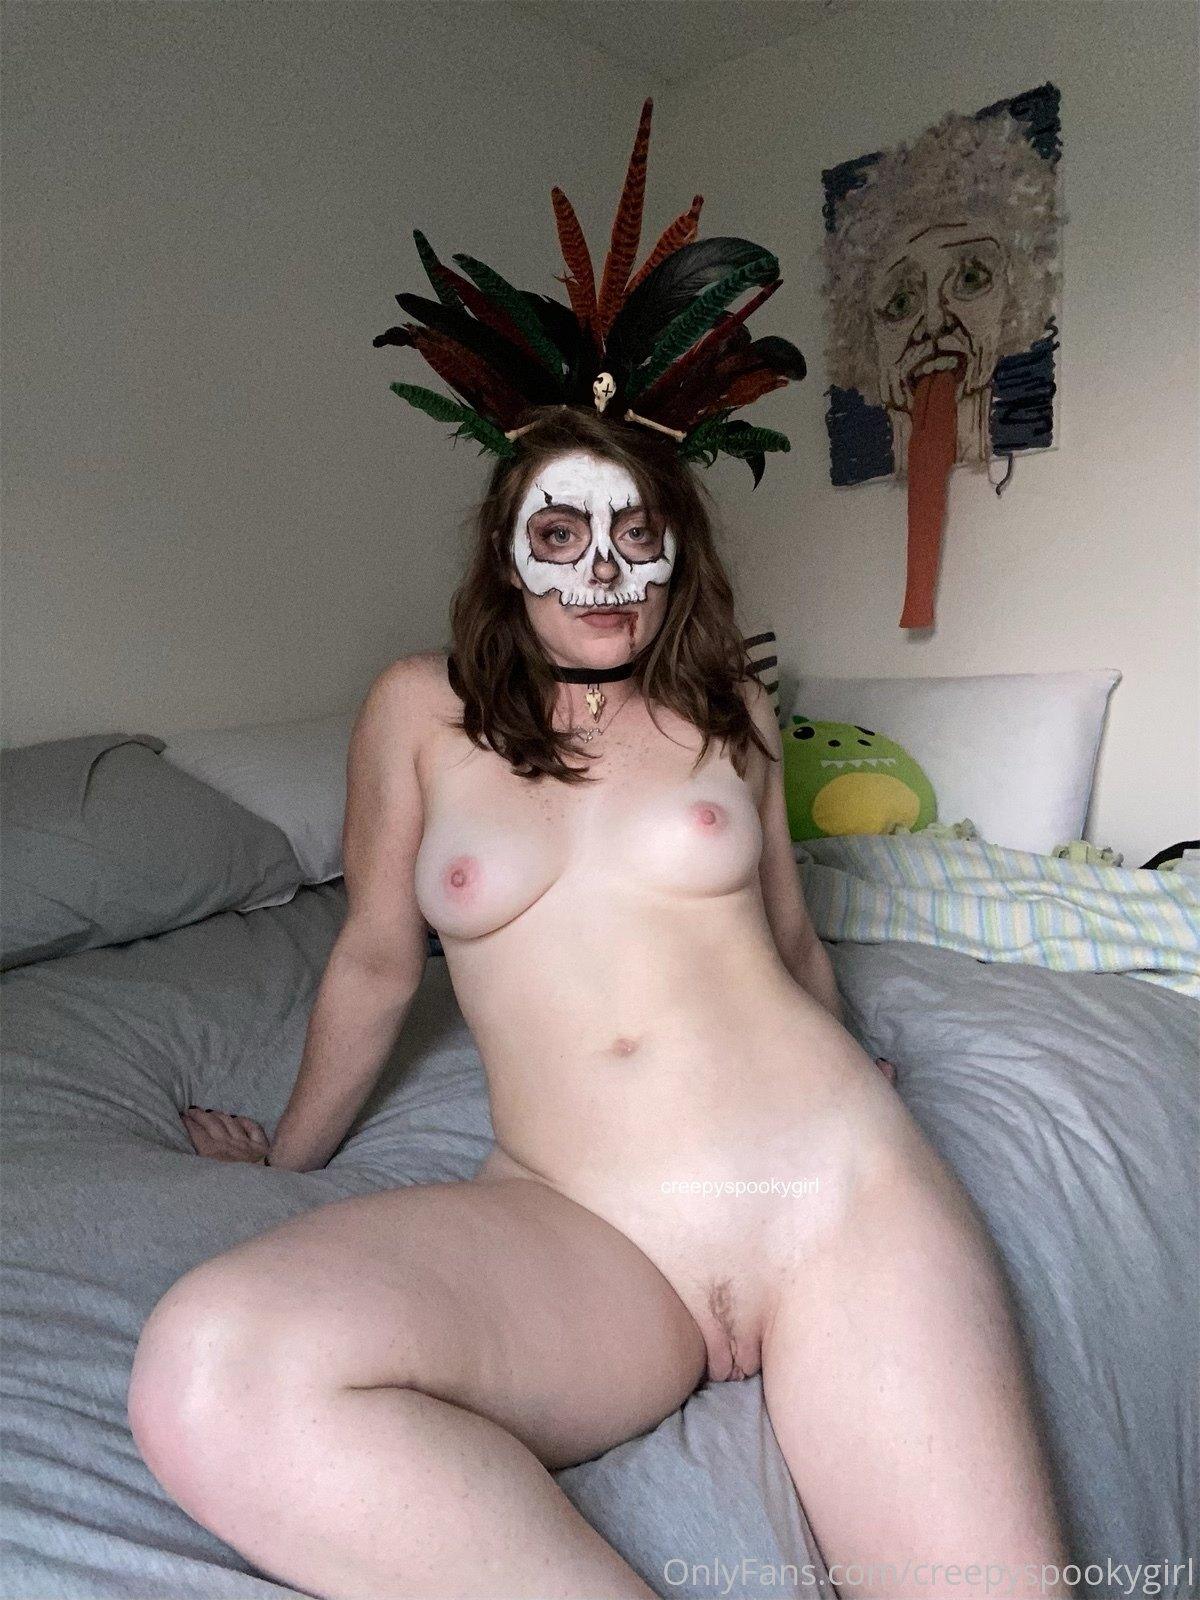 Creepy And Spooky As Always, Creepyspookygirl, Onlyfans 0095